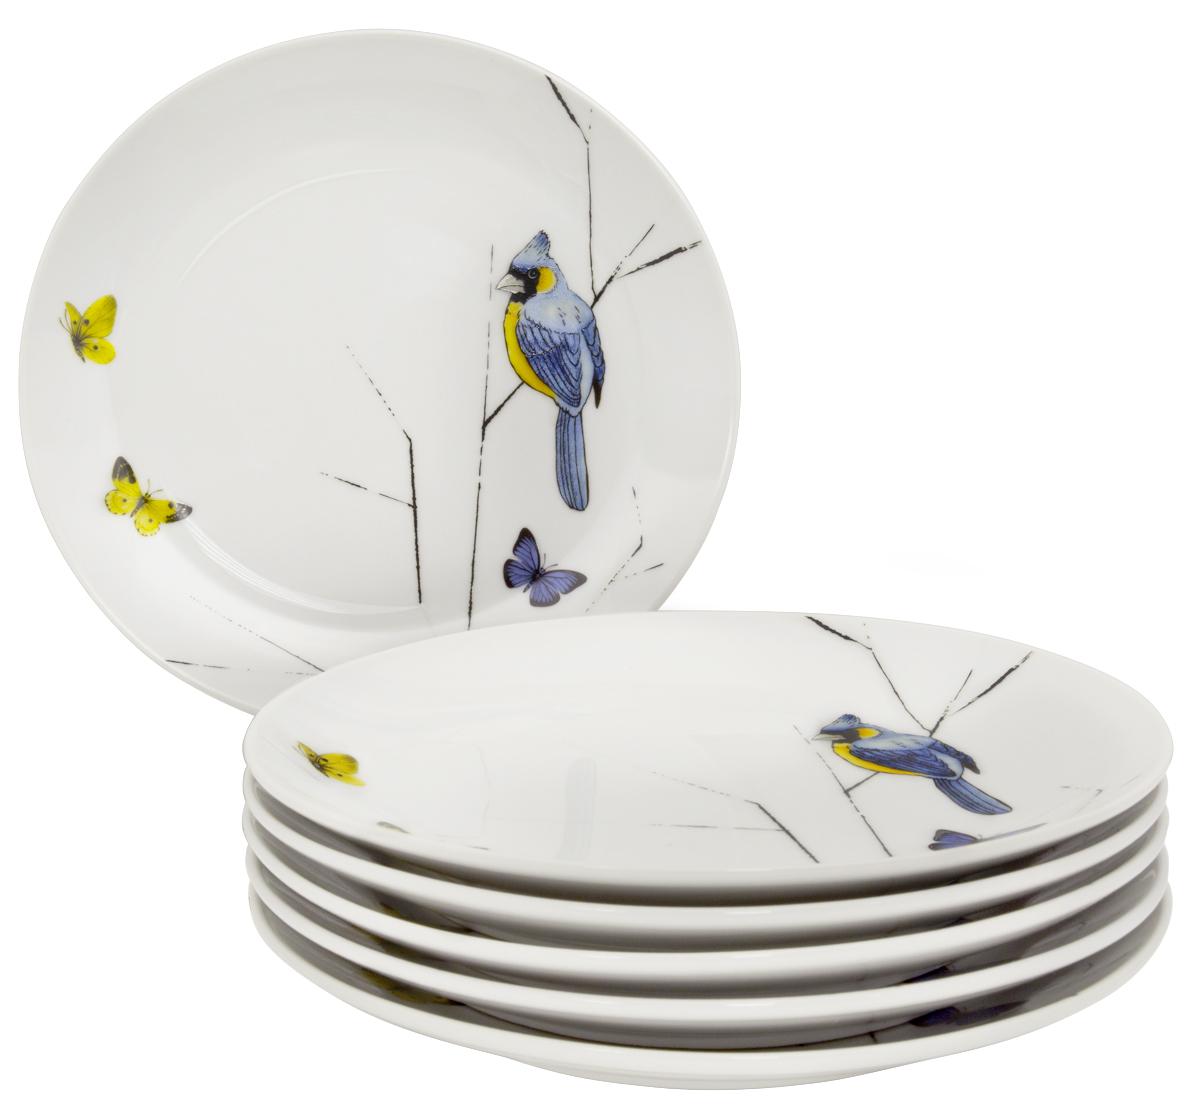 Тарелка десертная Esprado Primavera, 20,5 см, 6 шт. PRM021YE301PRM021YE301Тарелка десертная, 20,5 см, твердый фарфор, Primavera, Esprado, PRM021YE301